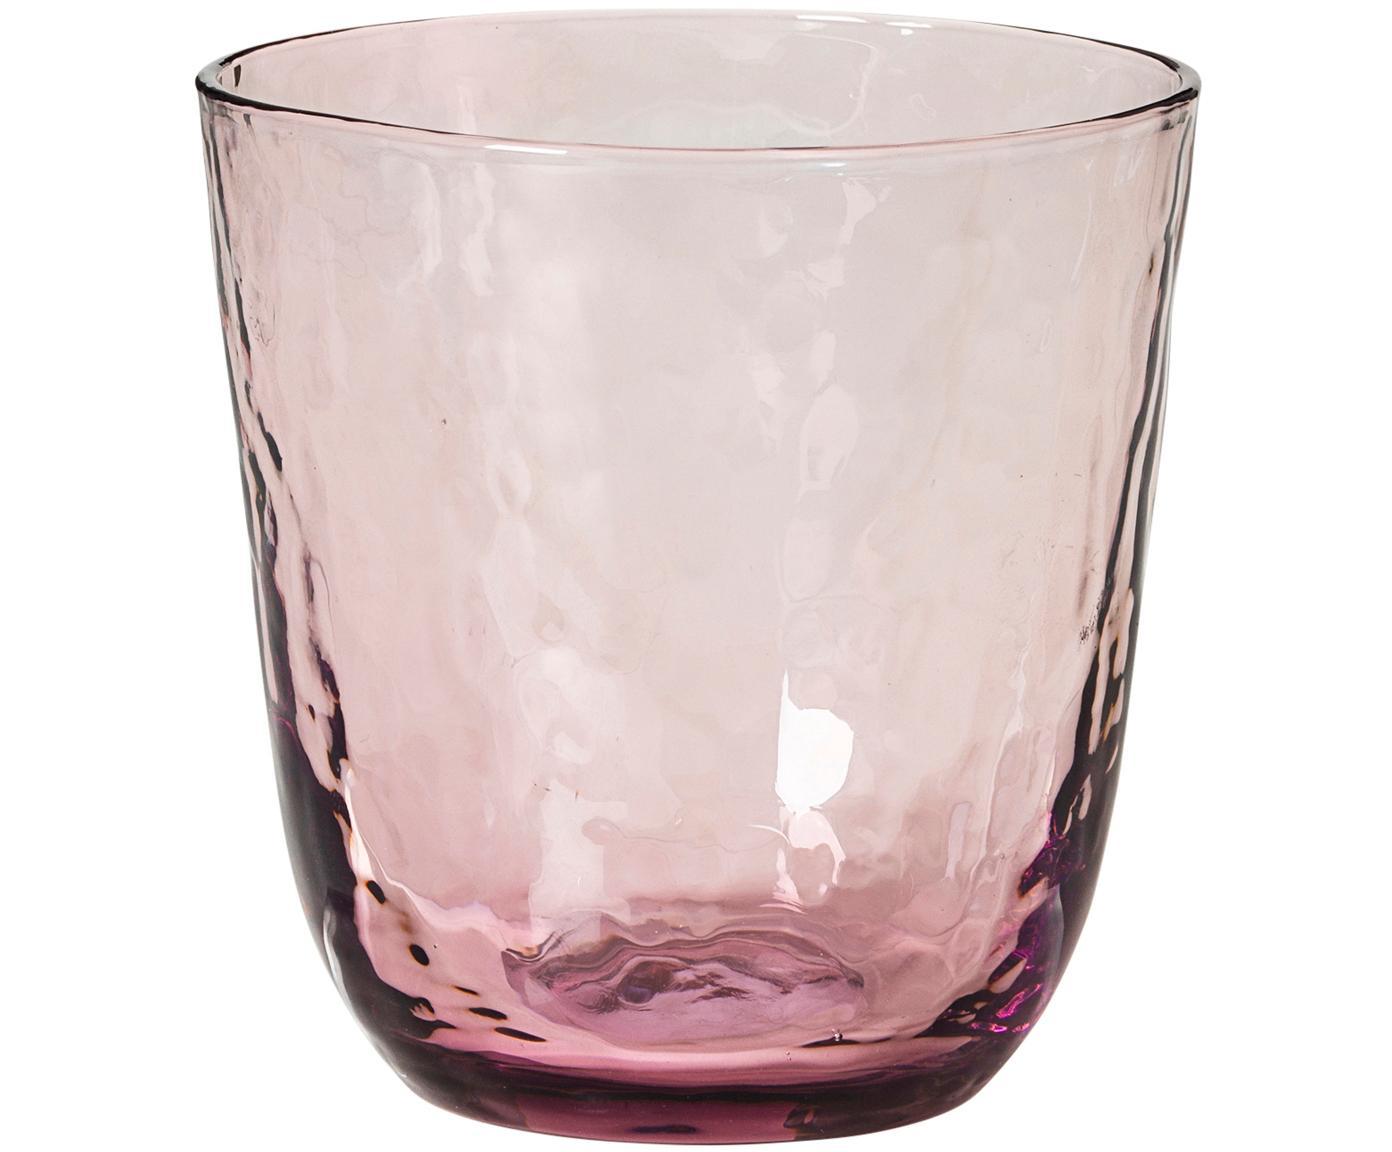 Szklanka do wody ze szkła dmuchanego  Hammered, 4 szt., Szkło dmuchane, Purpurowy, transparentny, Ø 9 x W 10 cm